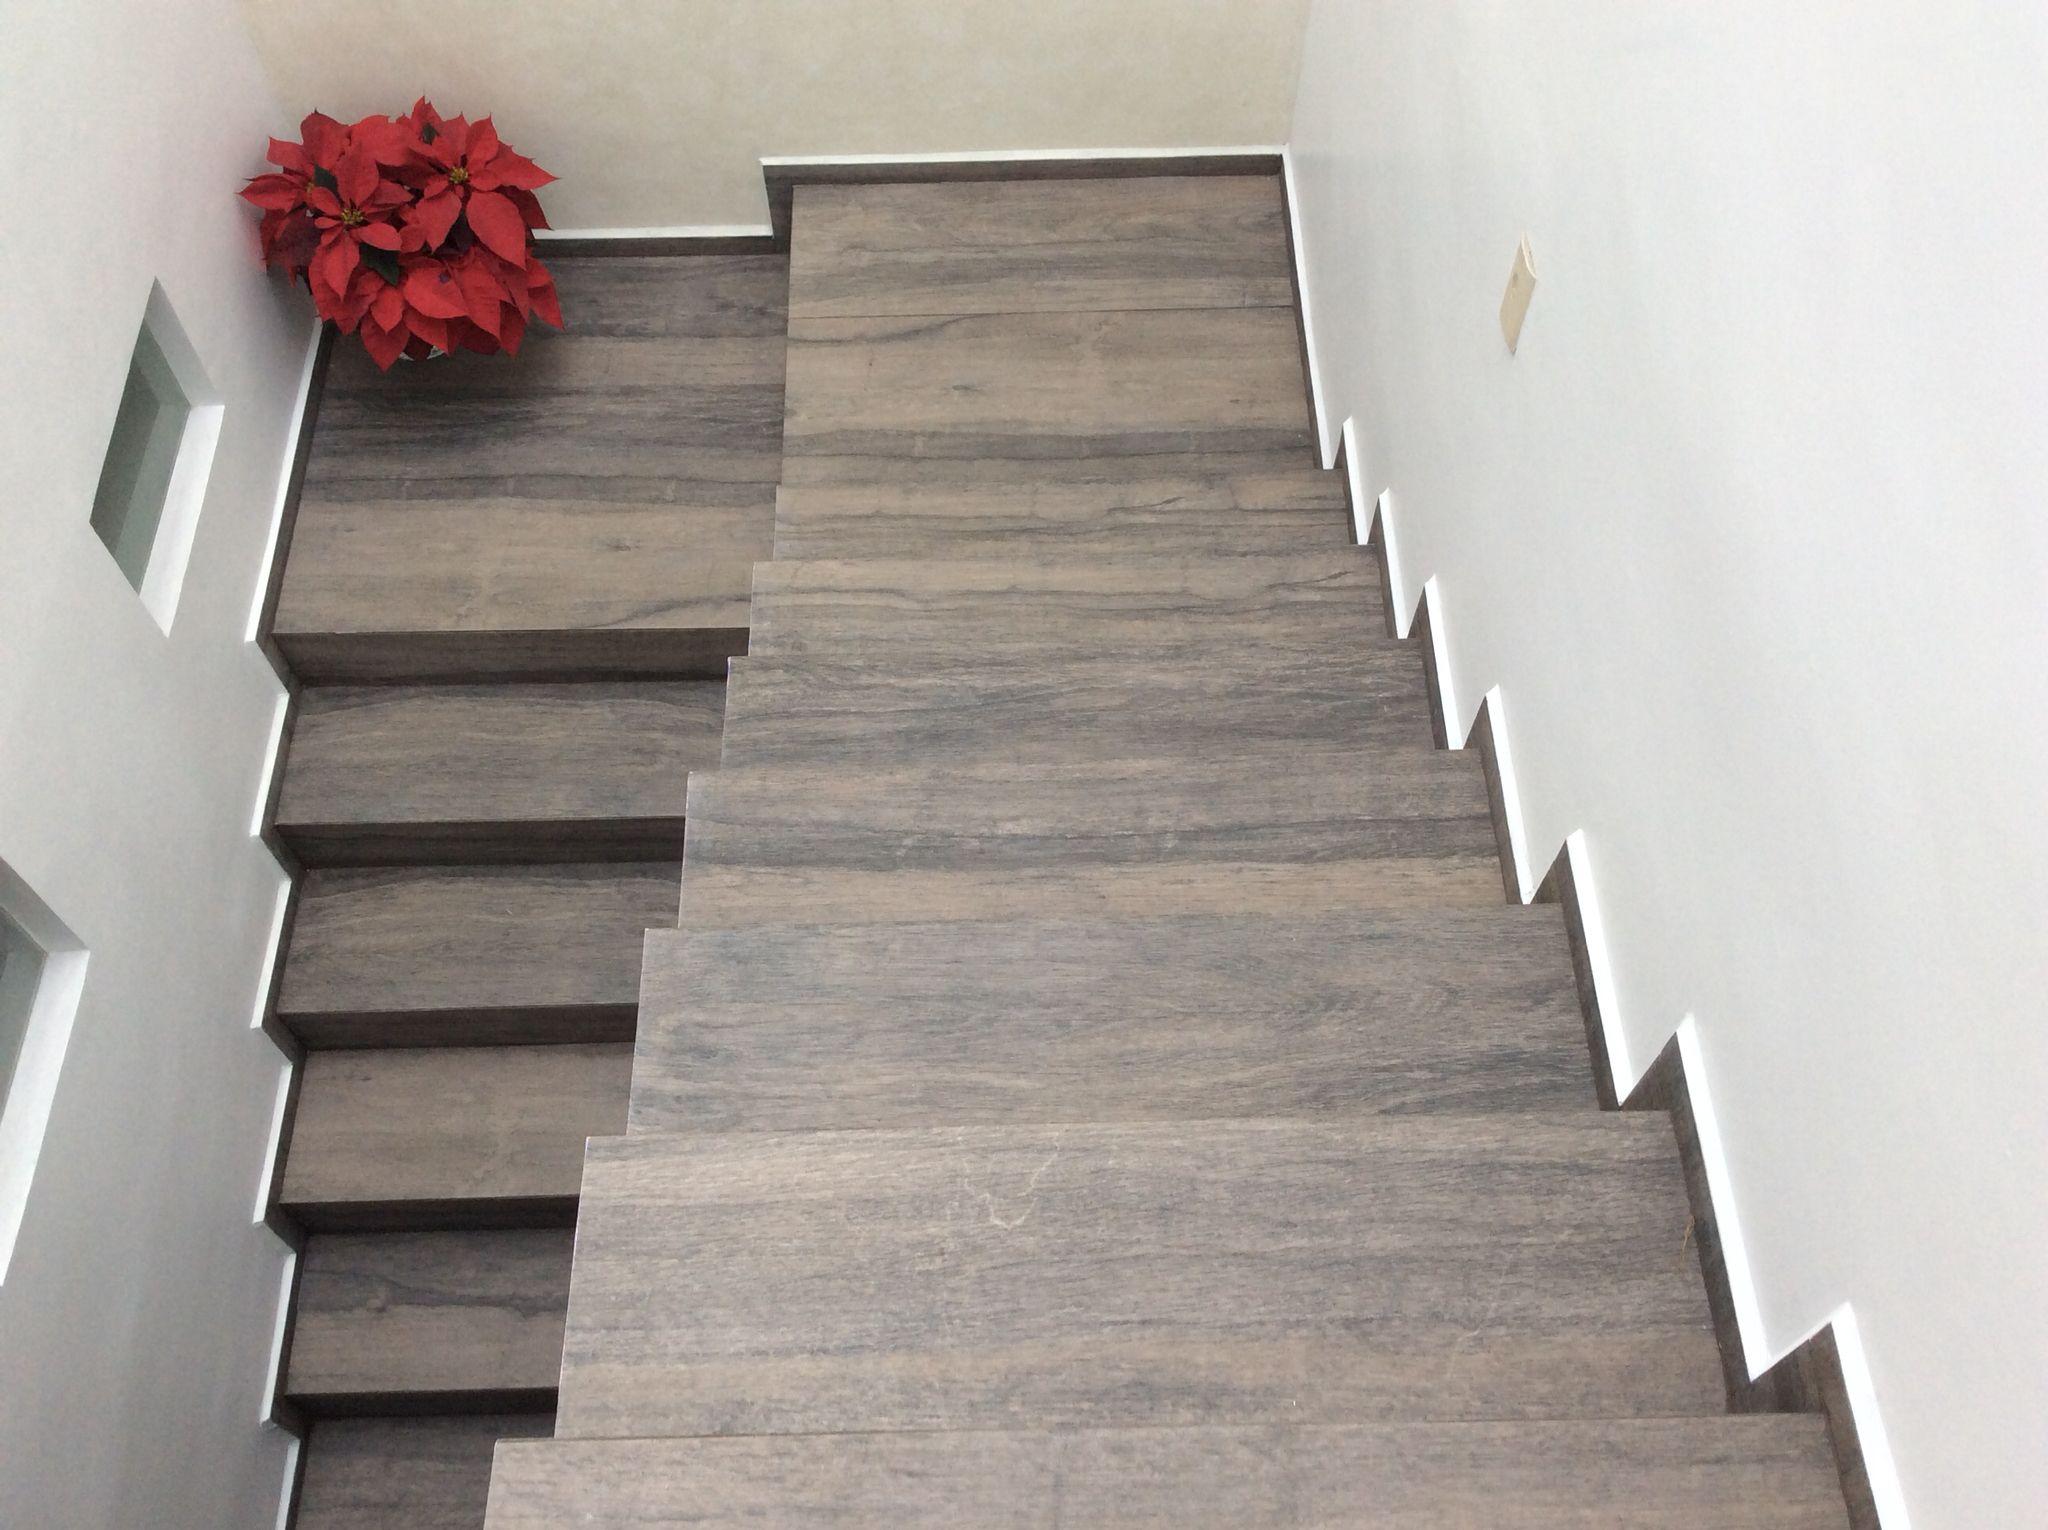 Escaleras porcelanato tipo madera casa lula pisos for Tipos de escaleras para casa